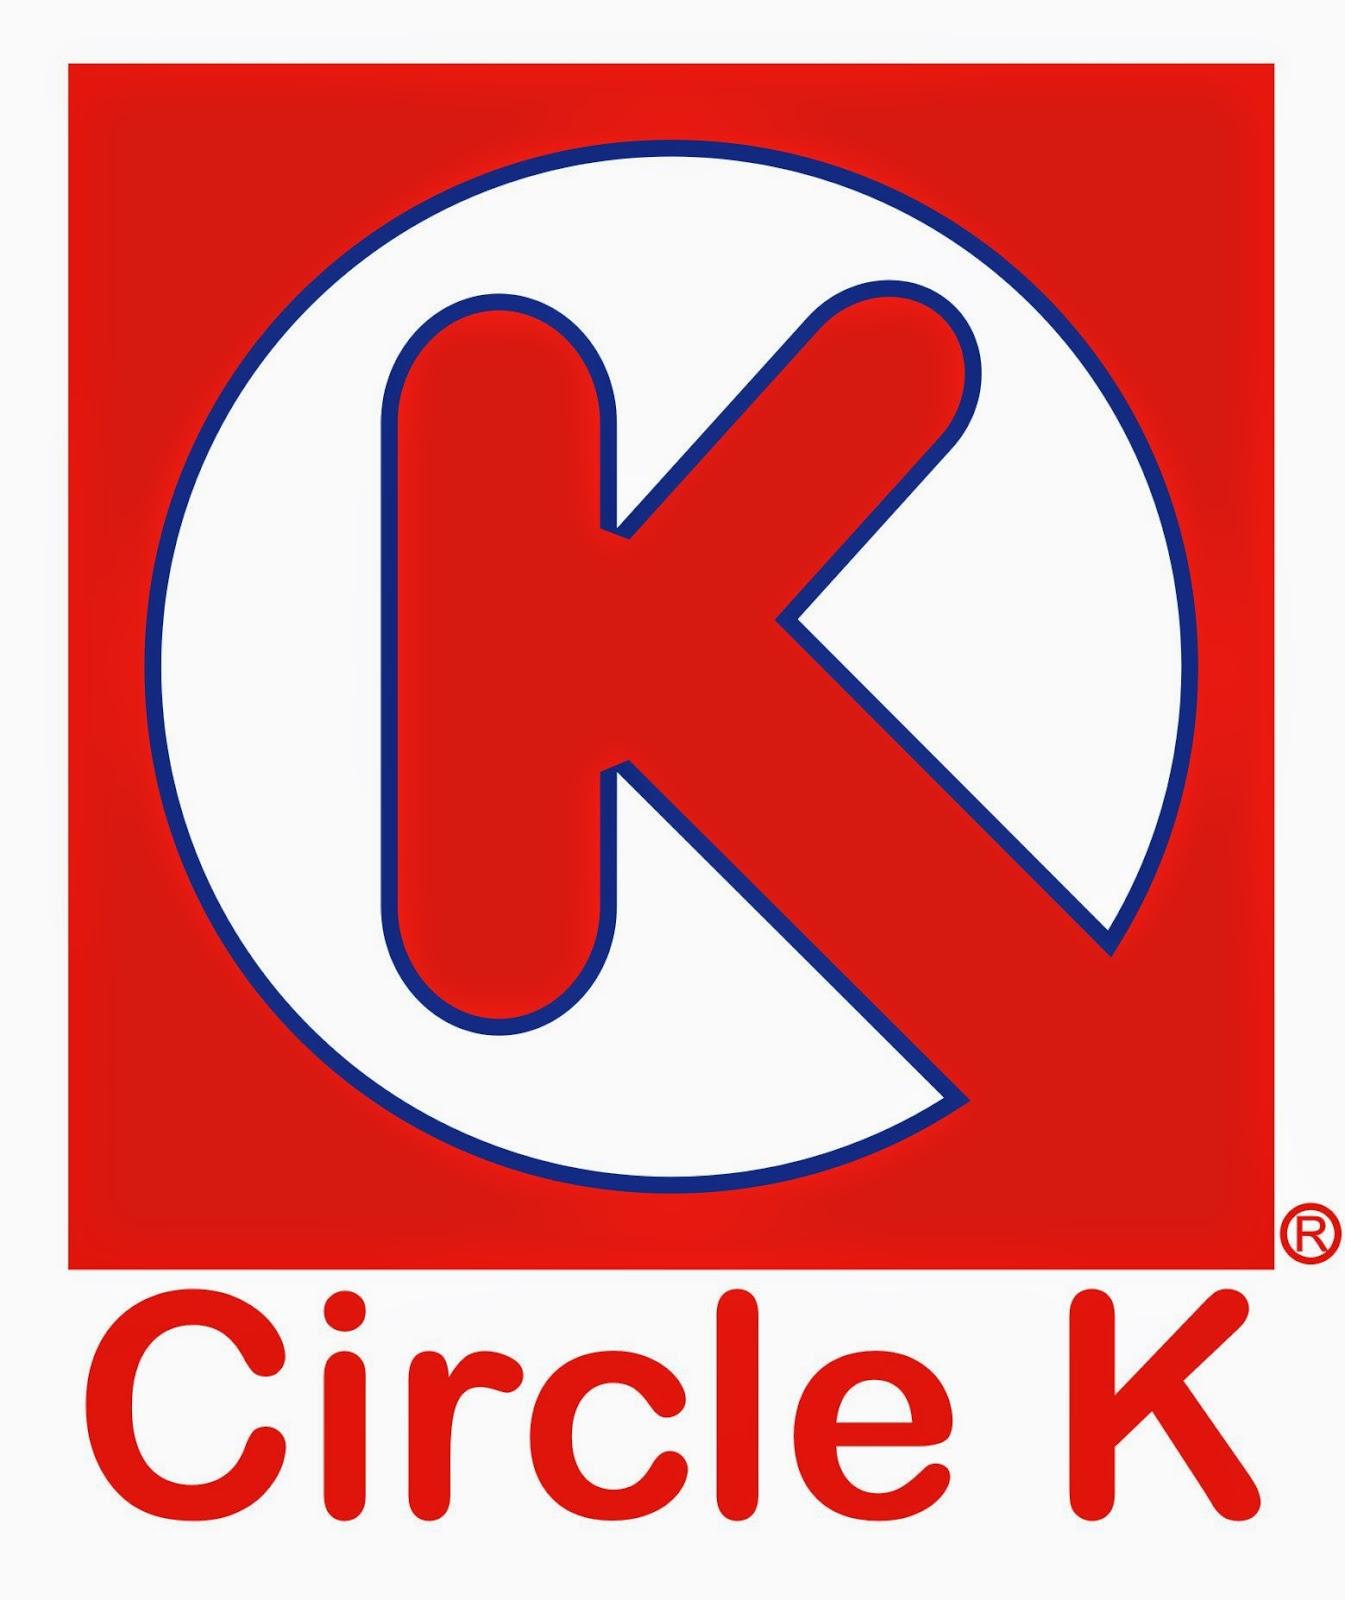 Lowongan Kerja Di Circle K Penempatan Solo Customer Service